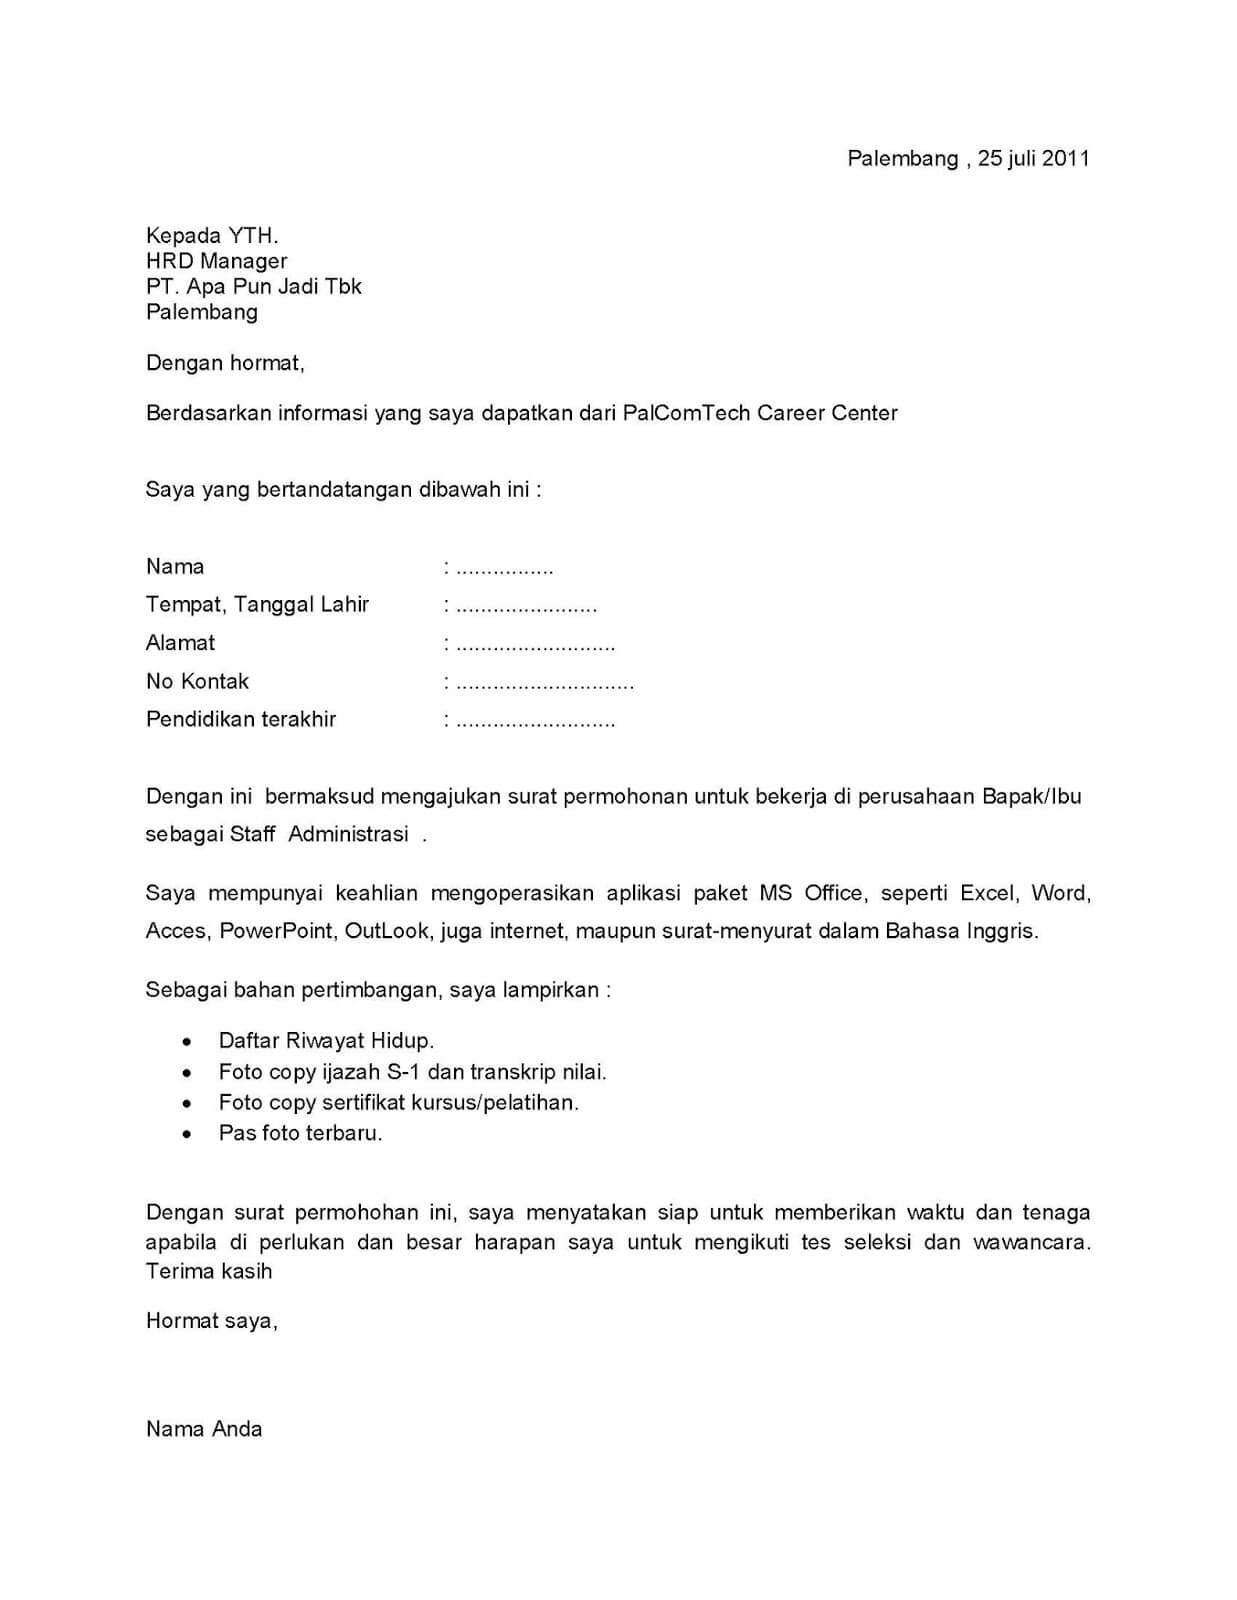 Contoh Surat Lamaran Kerja Di Spbu Pertamina